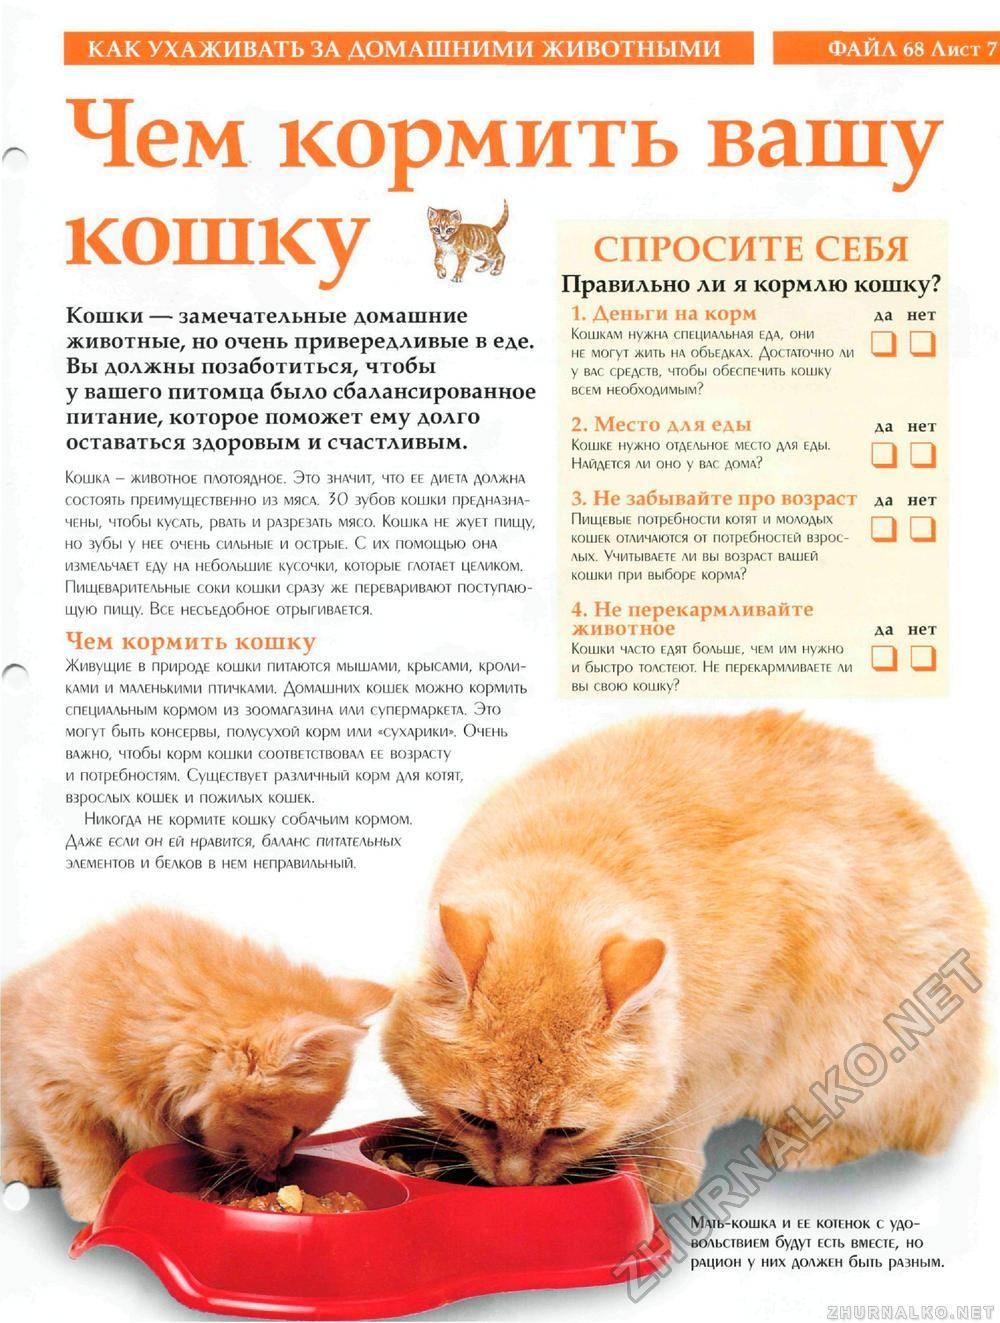 Как правильно ухаживать за котенком?